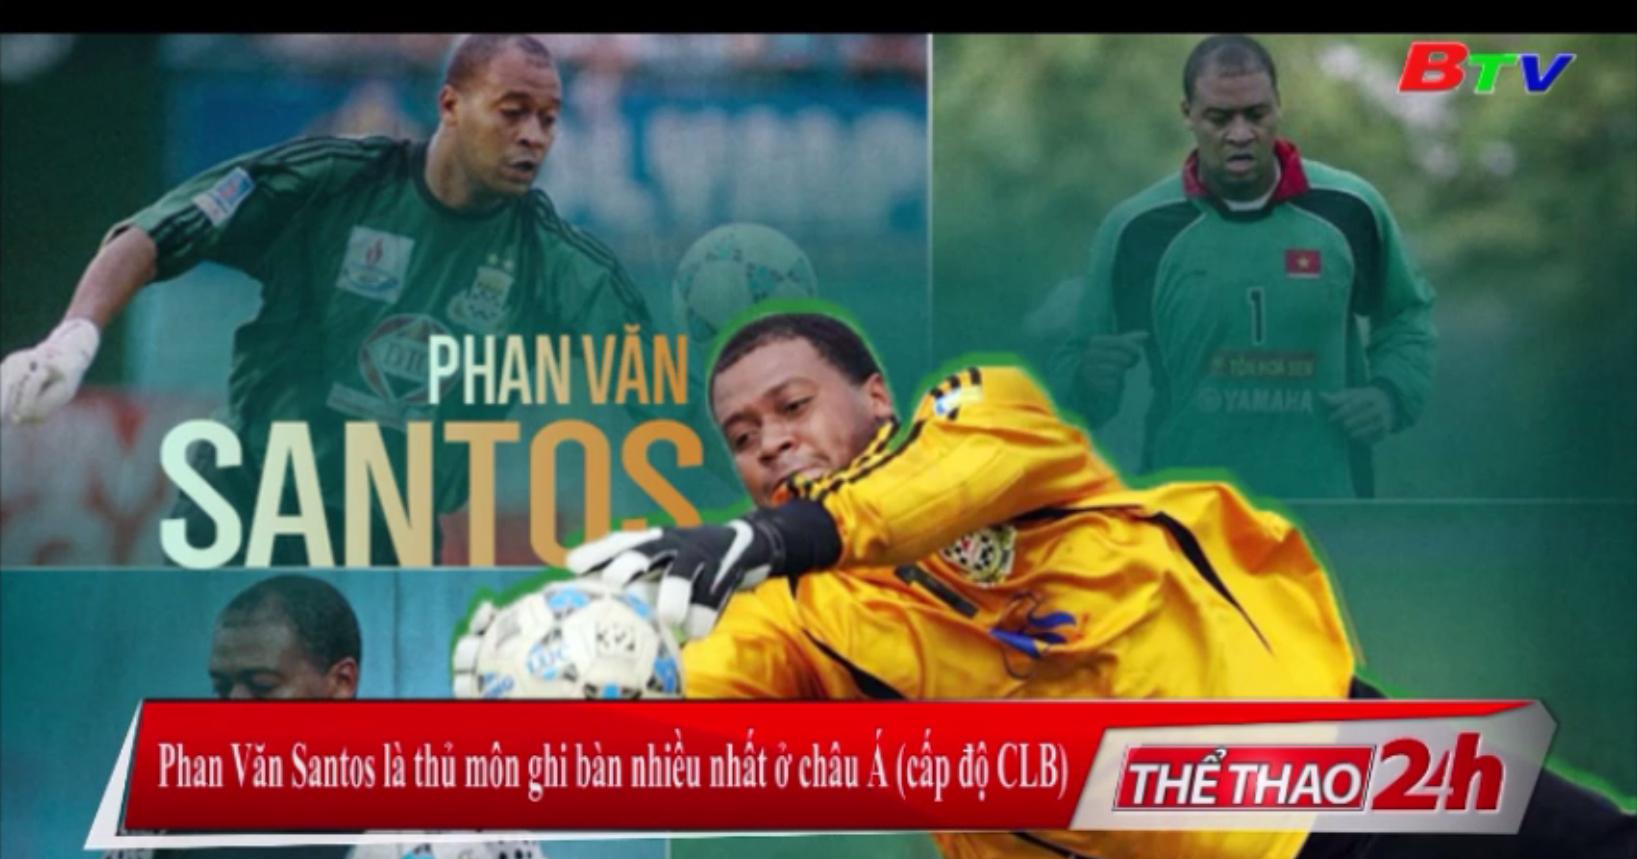 Phan Văn Santos là thủ môn ghi nhiều bàn thắng nhất ở châu Á cấp độ CLB